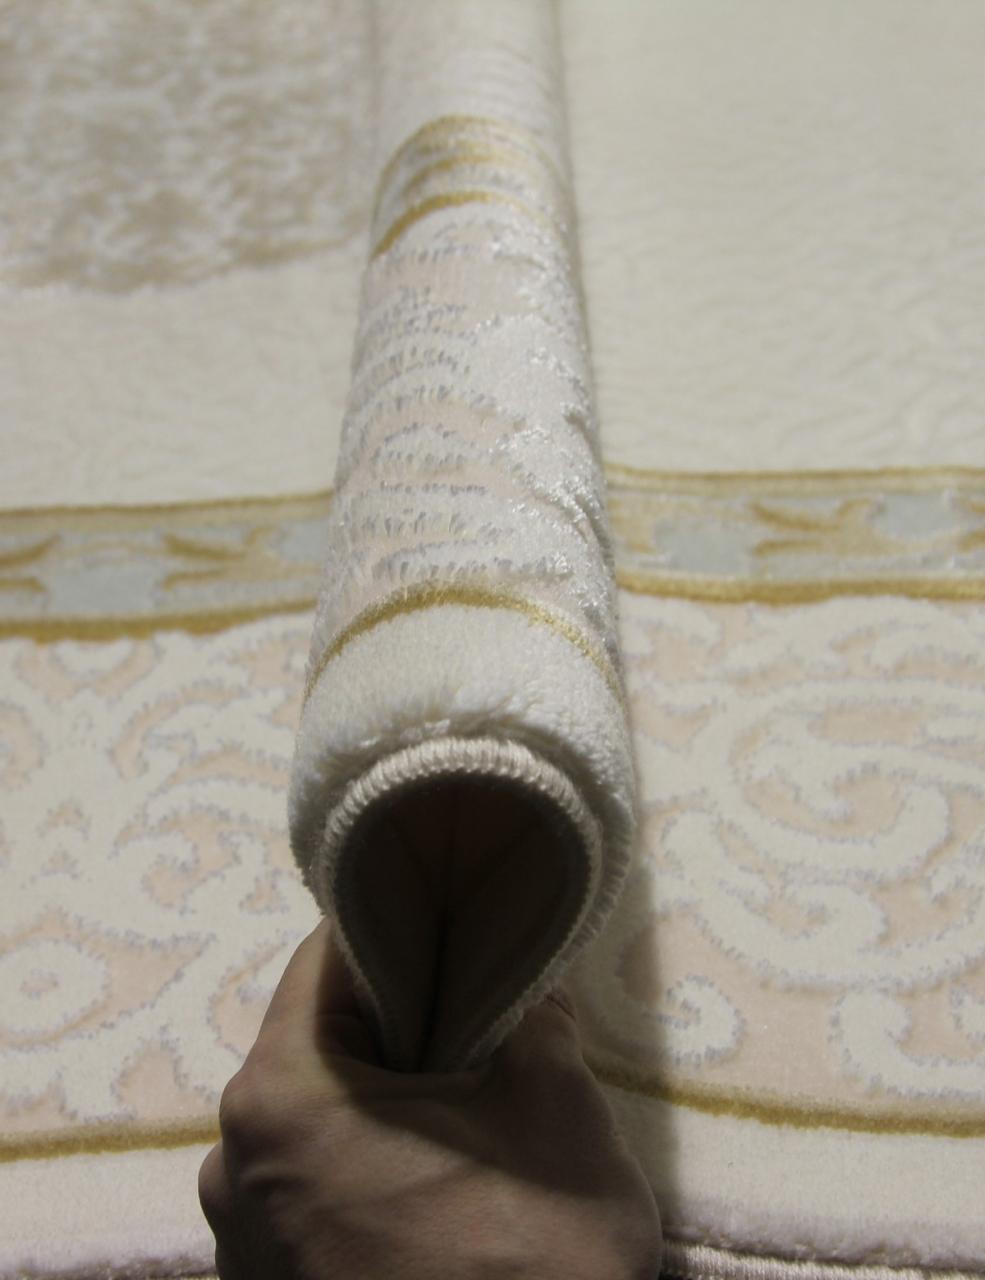 Ковер 13274 - 060 - Прямоугольник - коллекция RAMSES - фото 2